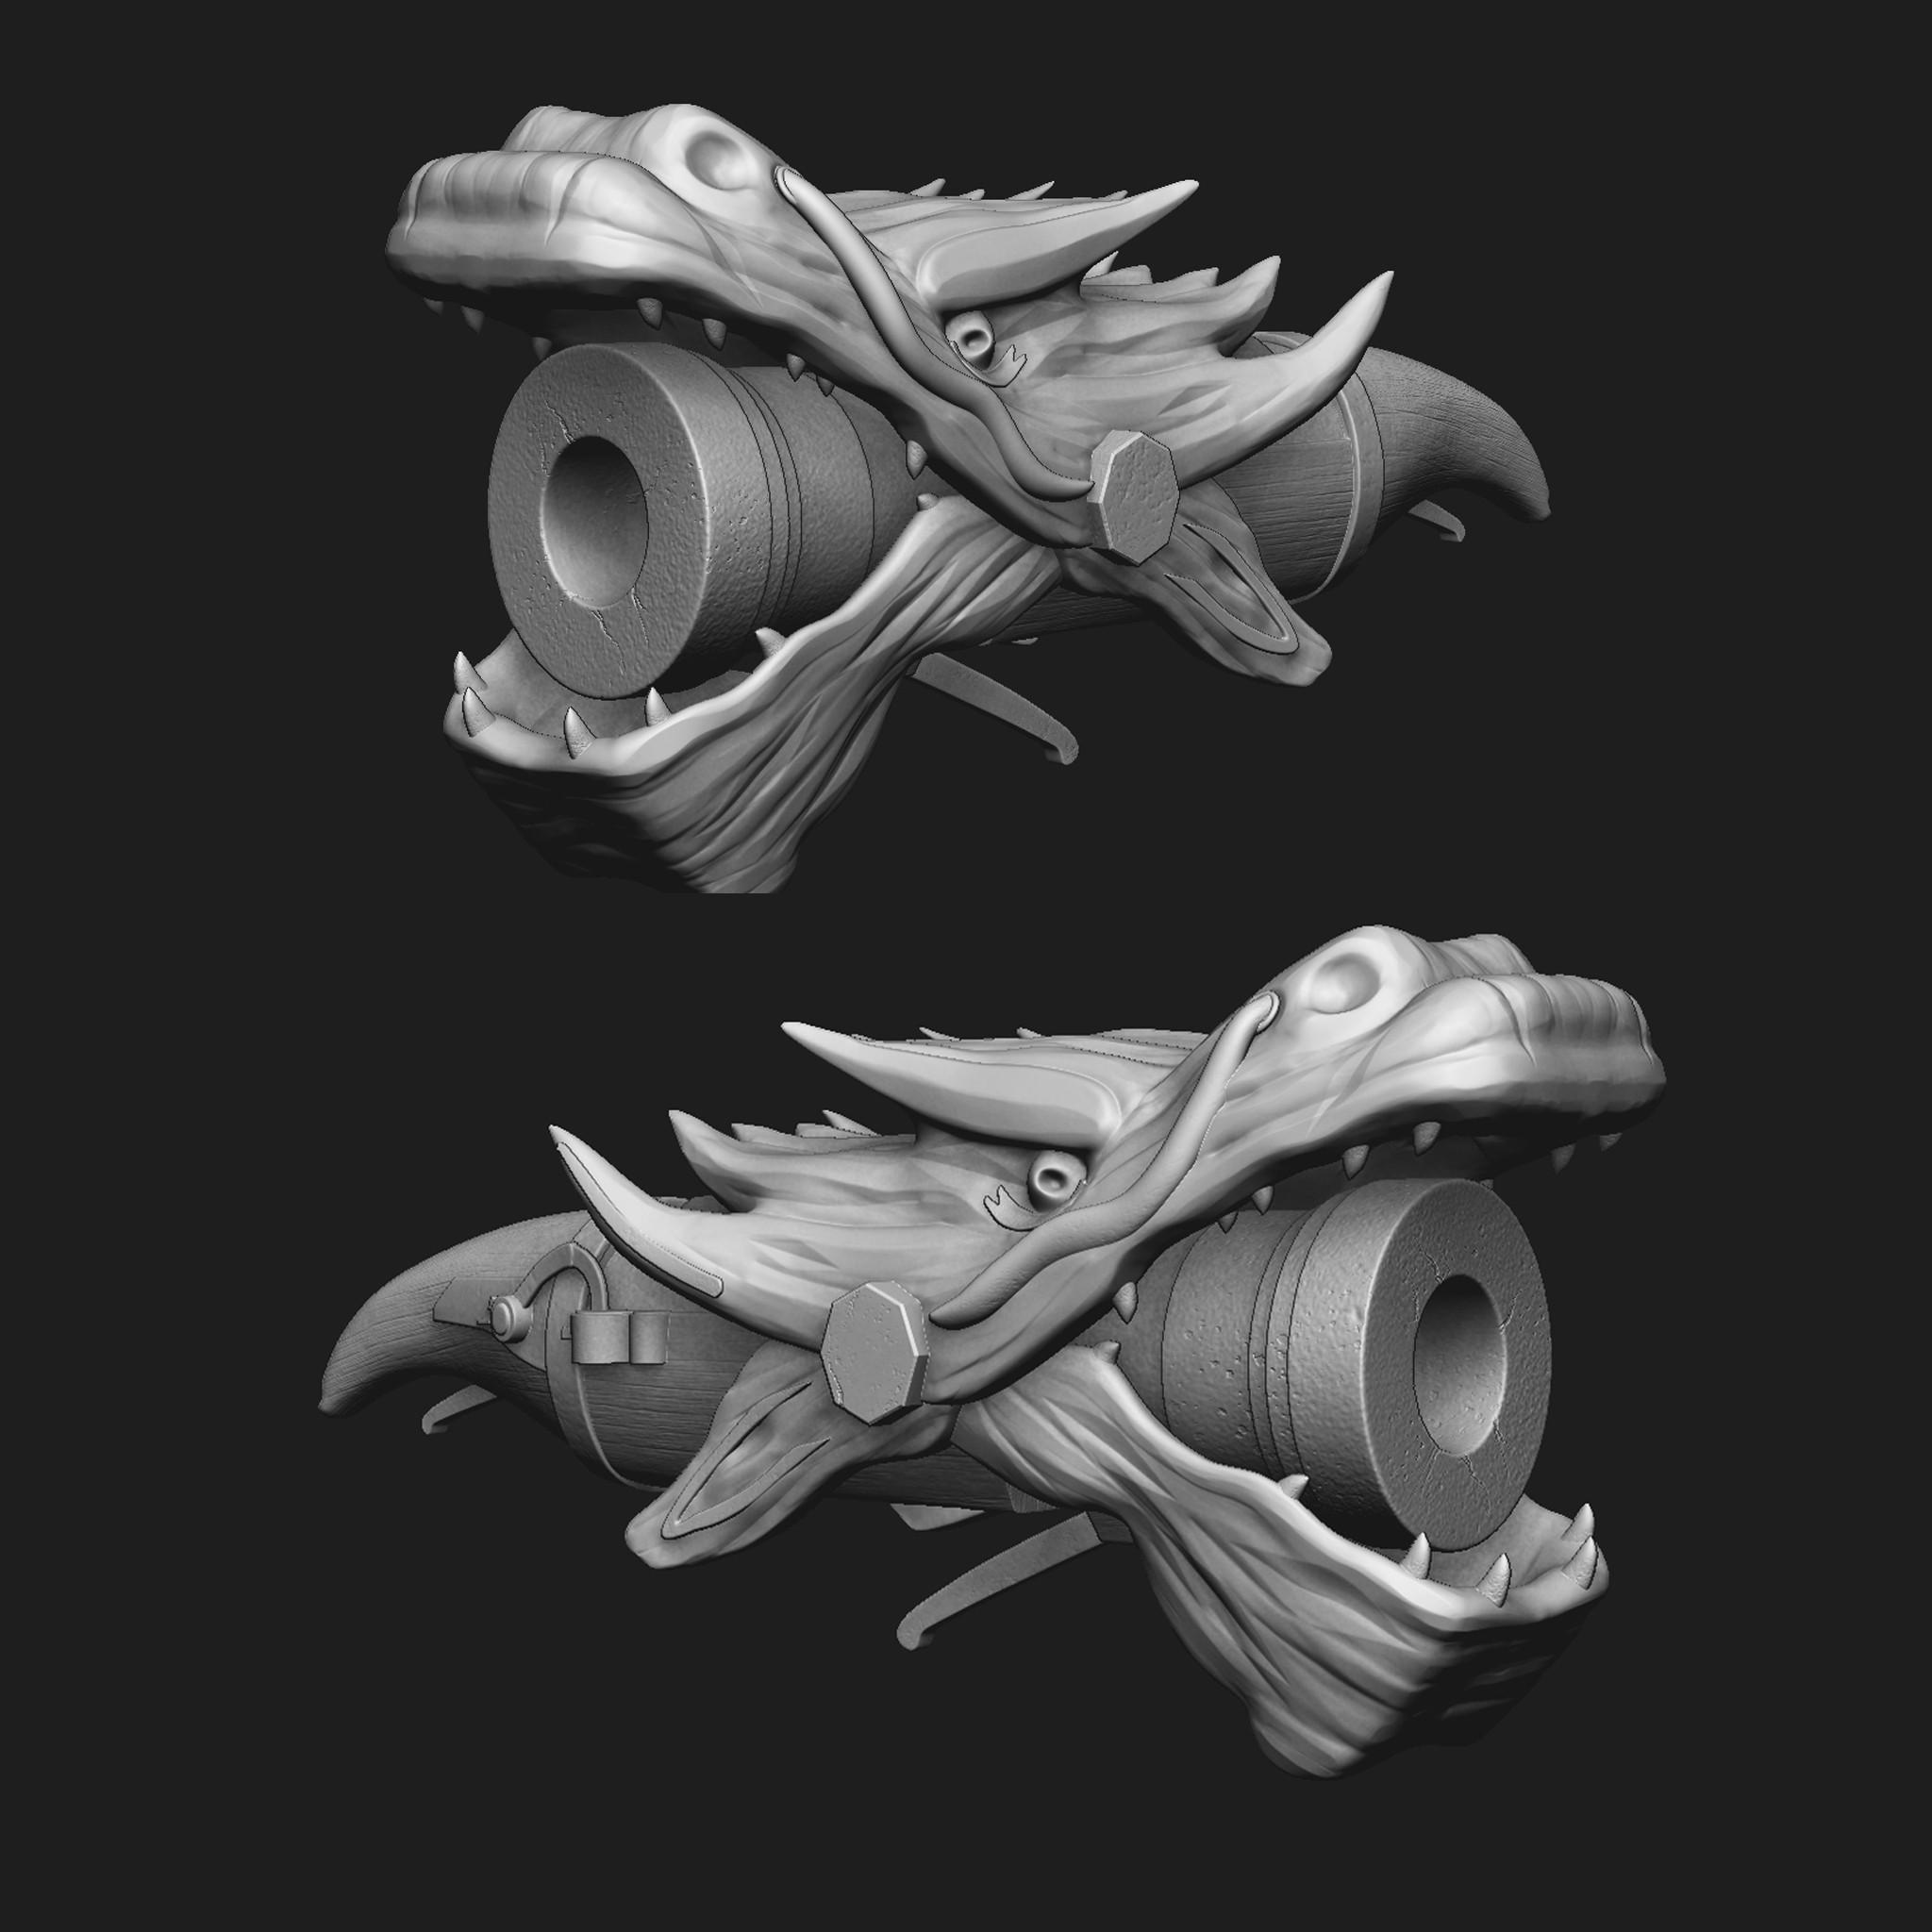 Dragon Tanegashima: Zbrush sculpt